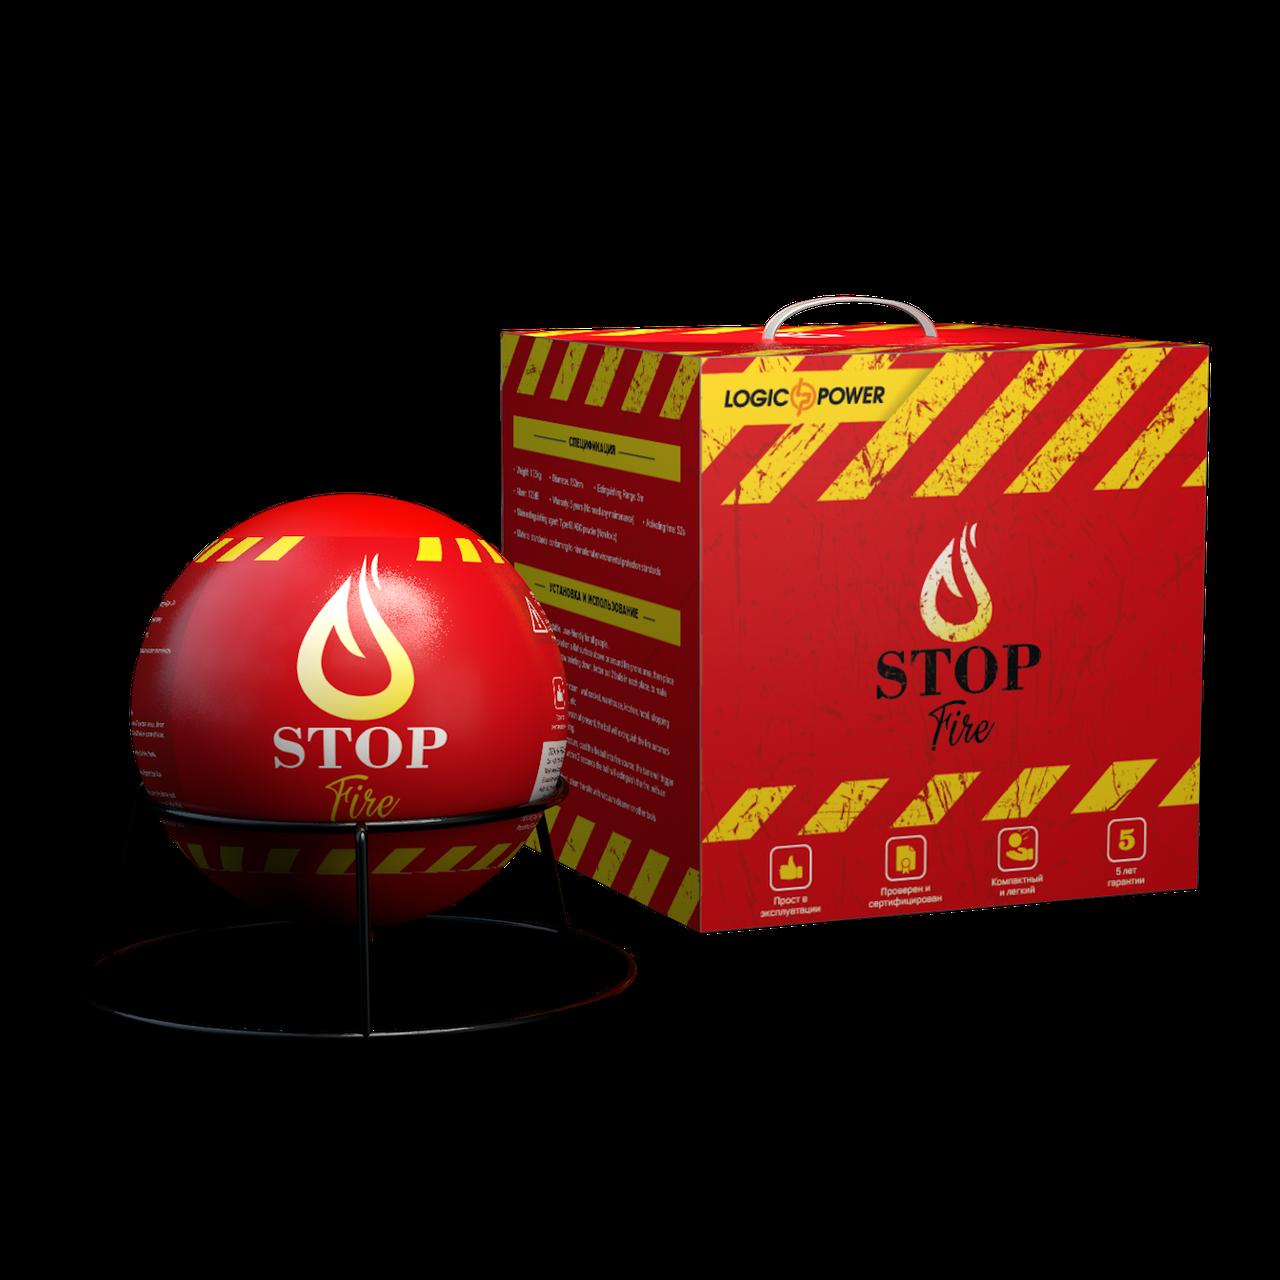 Автоматический огнетушитель - Автономная сфера порошкового пожаротушения LogicPower Fire Stop S9.0M.